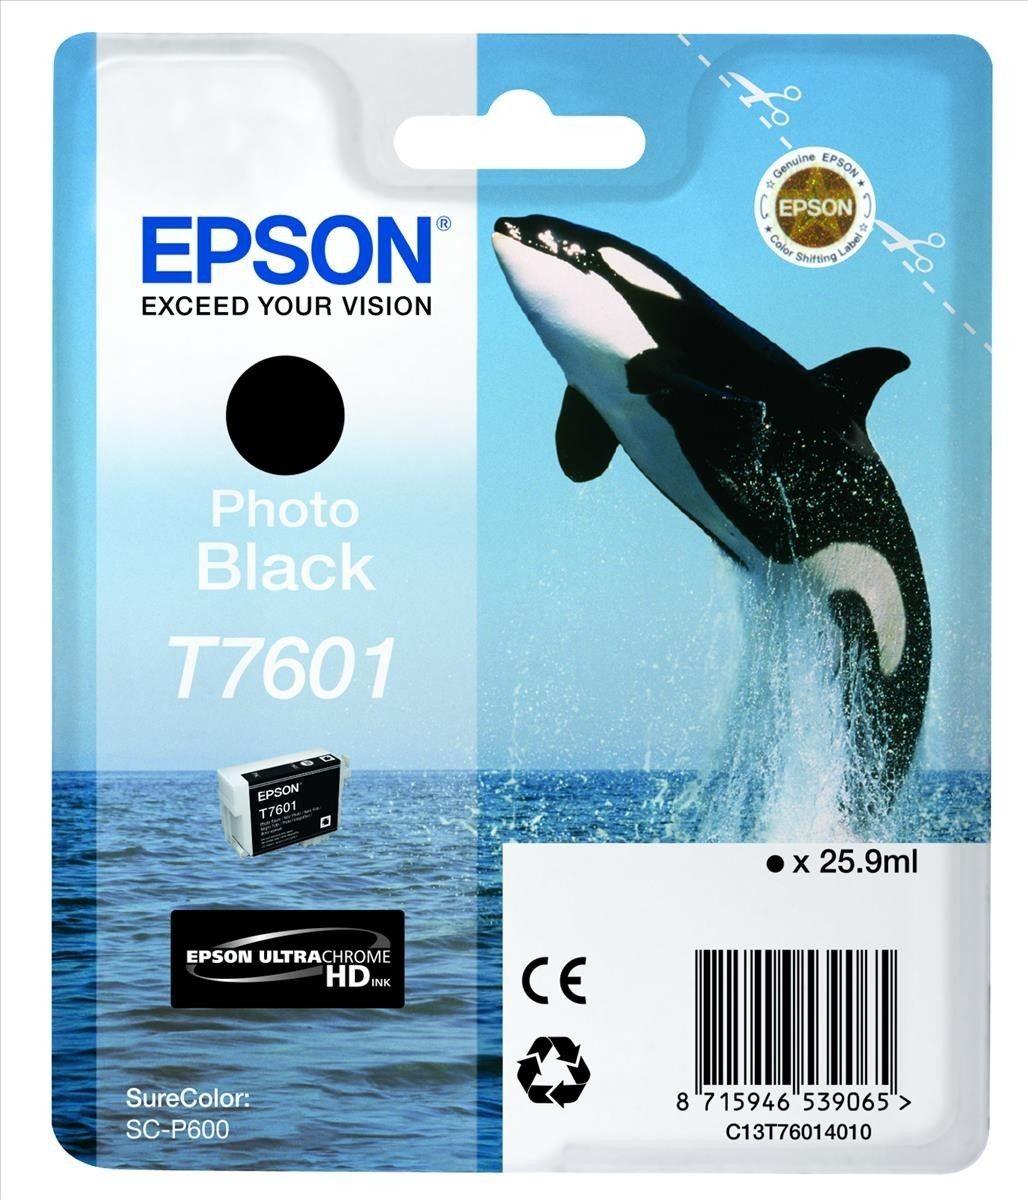 Epson Tusz Photo Black | SureColor SC-P600